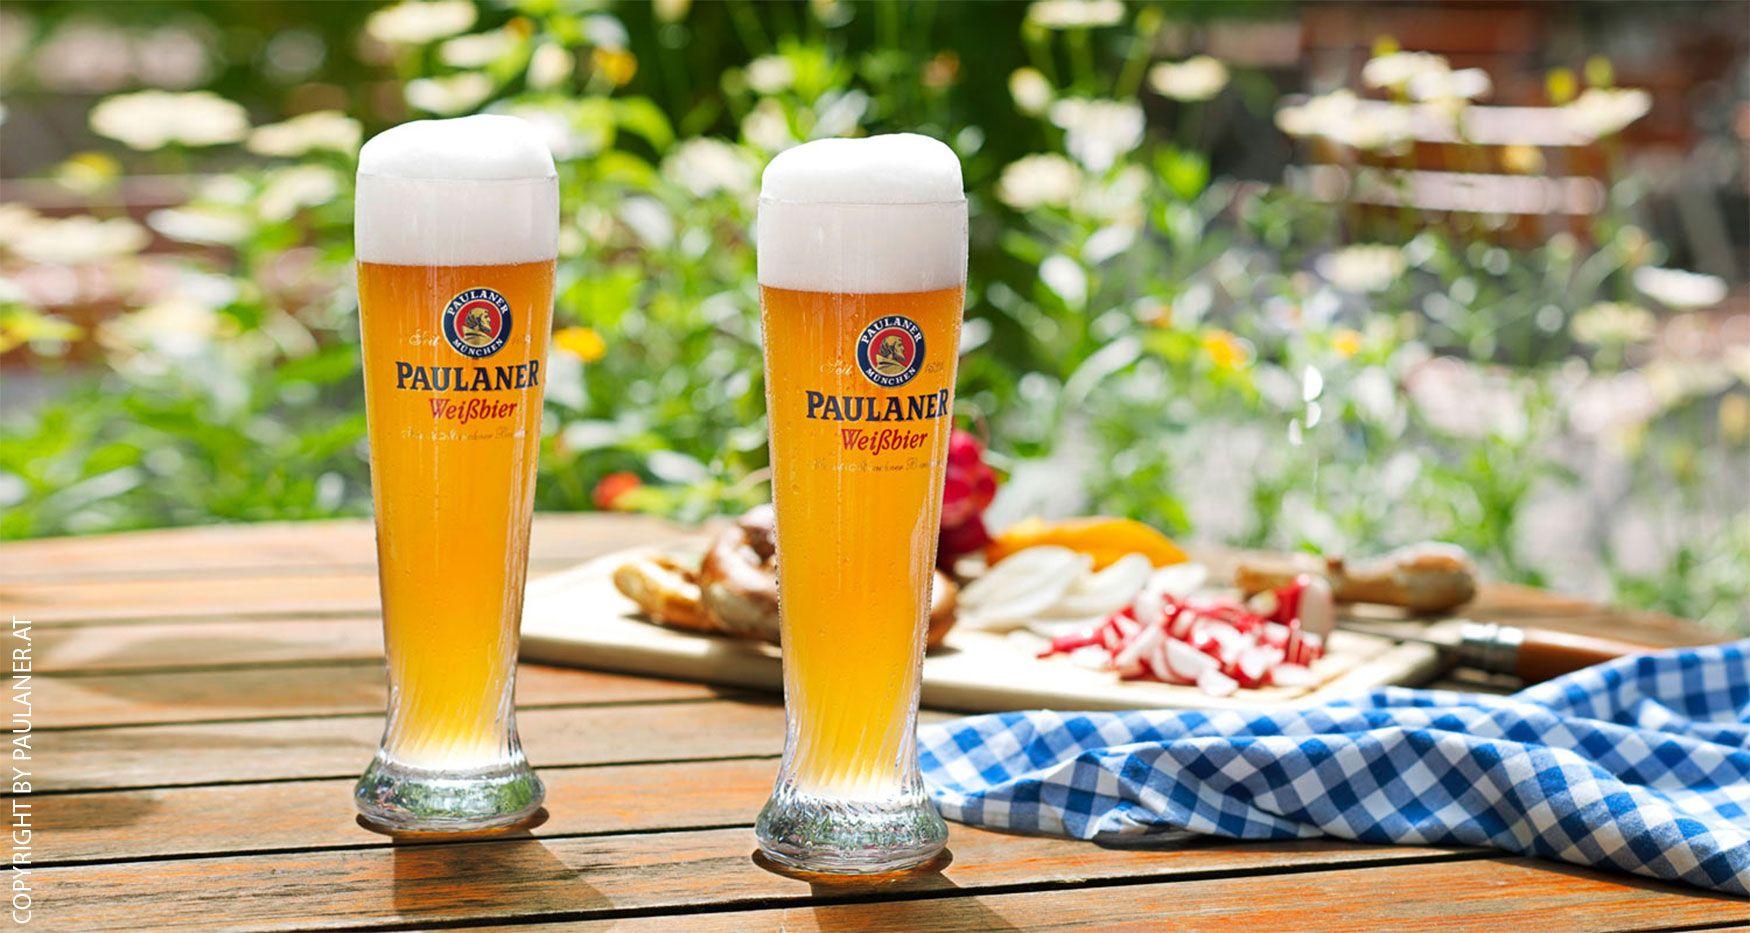 Cocktail-Gläser Weizenbierglas Paulaner 0.5l - 2er Set Biergläser mit Logo